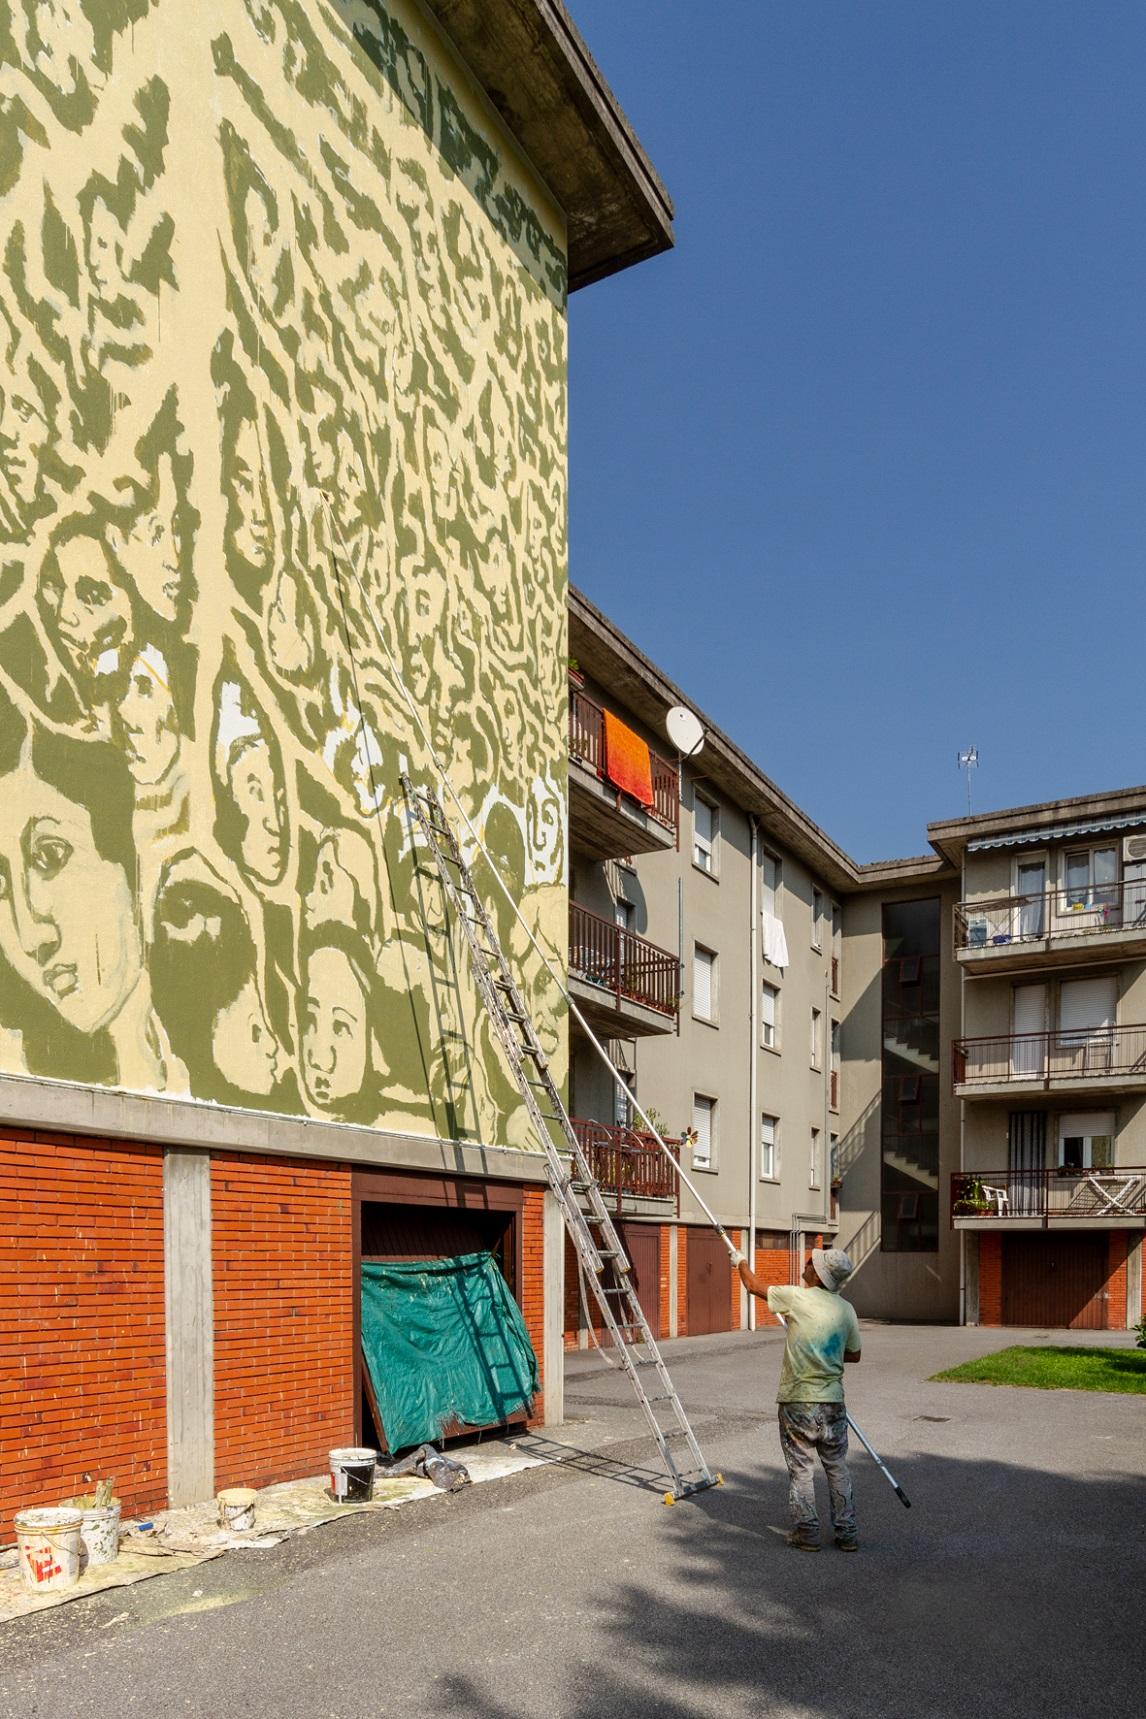 Collettivo Fx Street Art Wall in Art Valle Camonica Angone Darfo Boario Terme